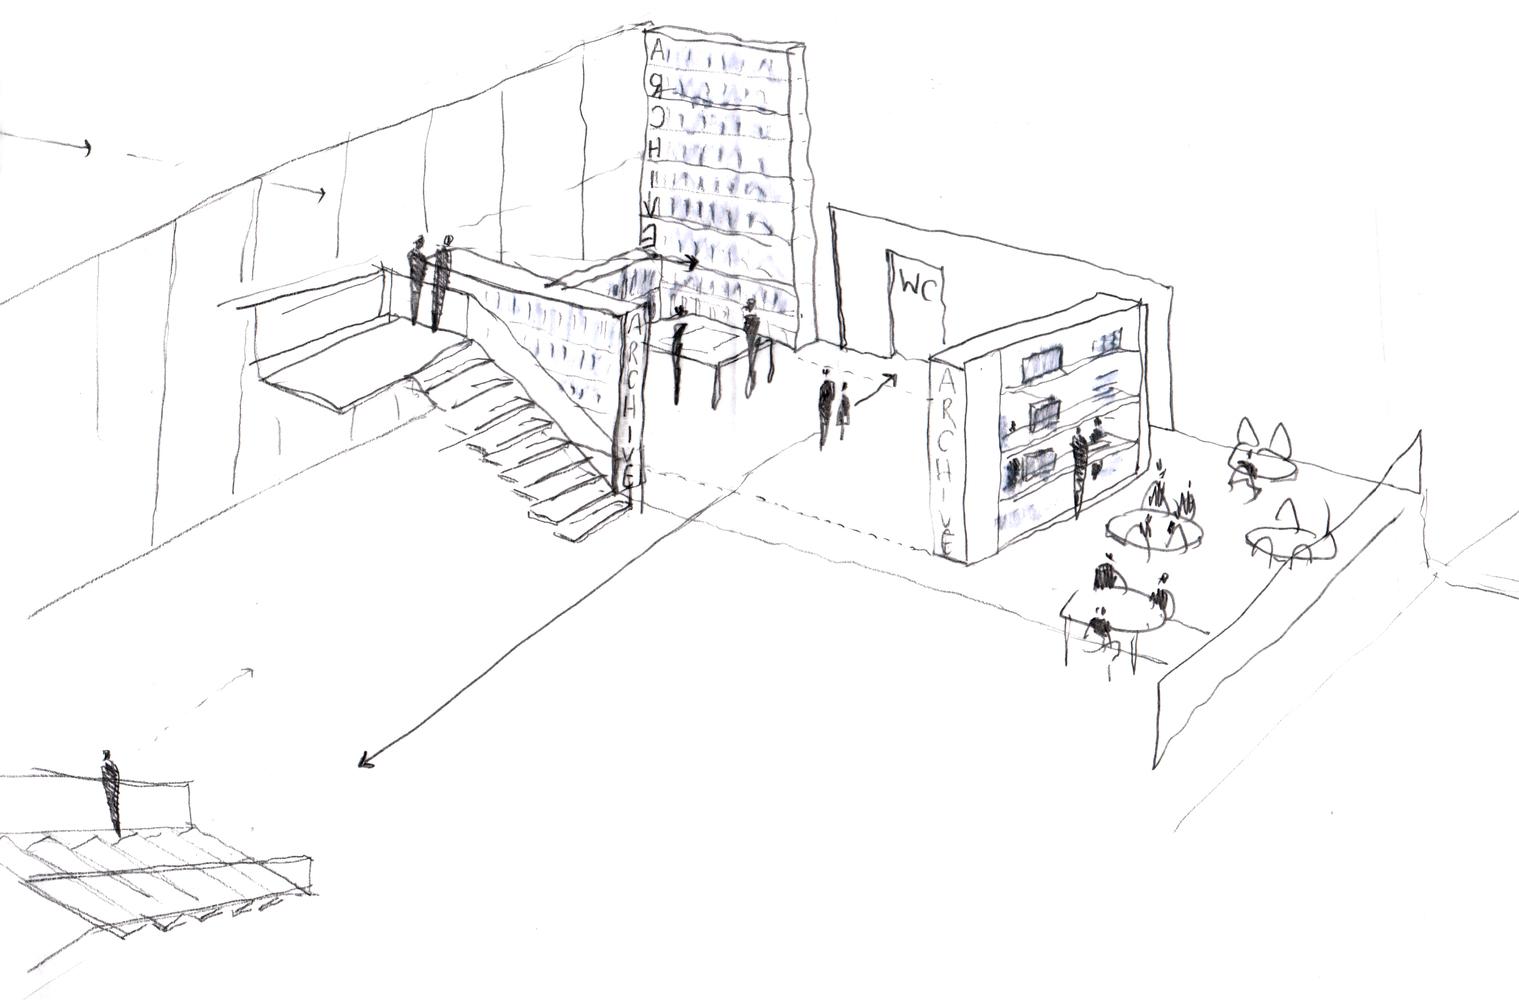 Скетч идеи интерьера архивного помещения от Jonathan Tuckey фото 9